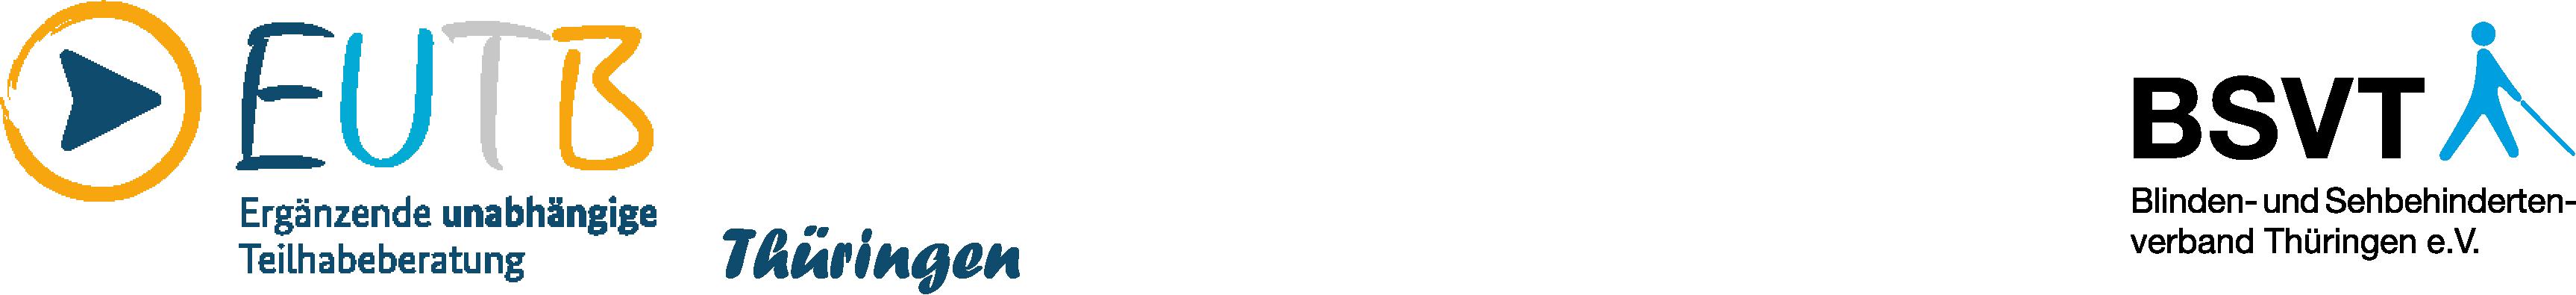 EUTB Thüringen